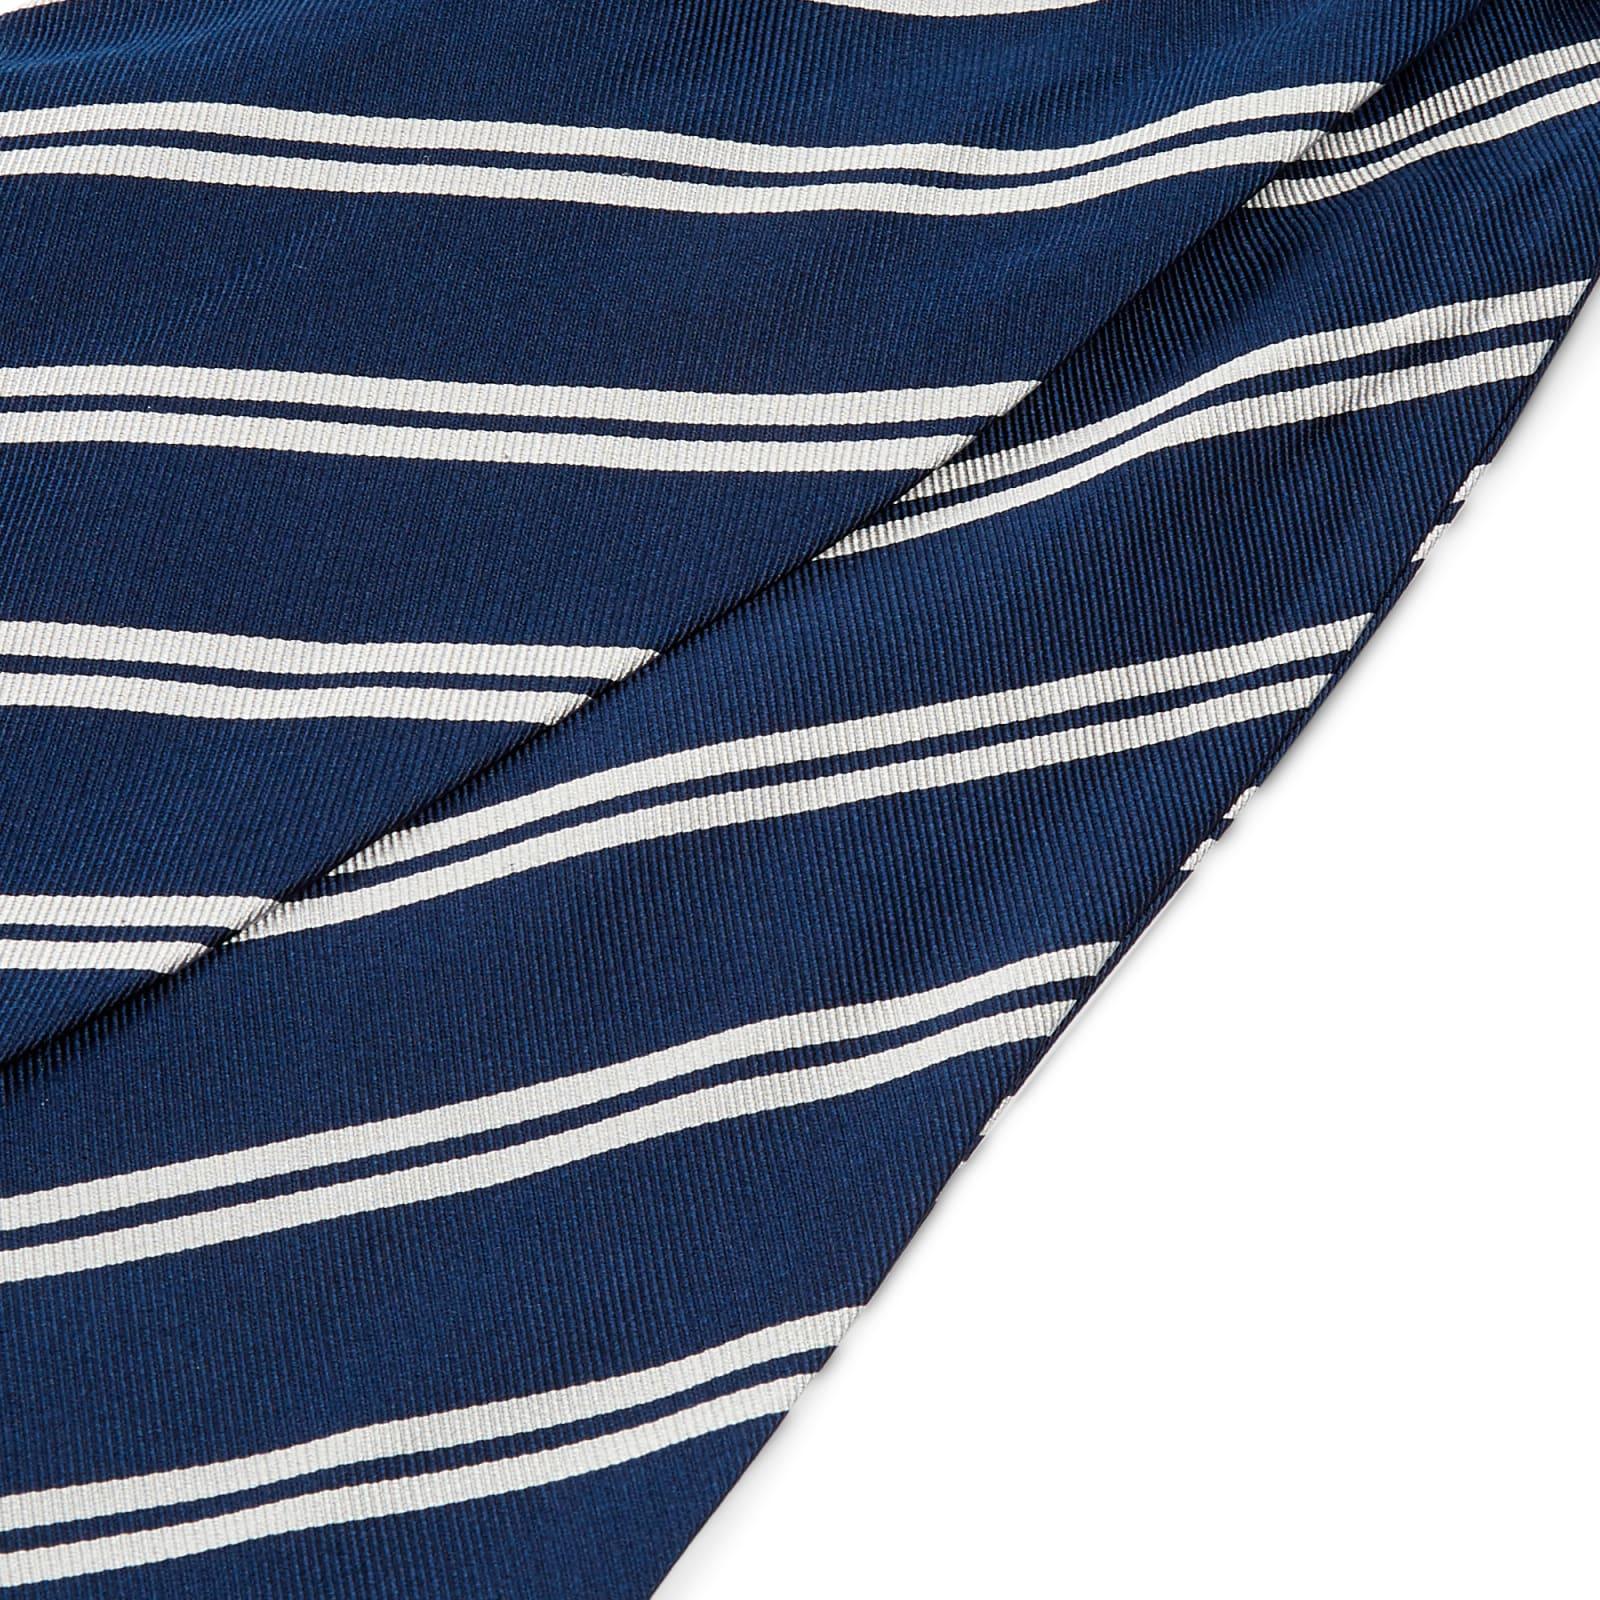 a645f62fe8550 Cravate Ascot en soie bleu marine à rayures blanches | Port gratuit | TND  Basics